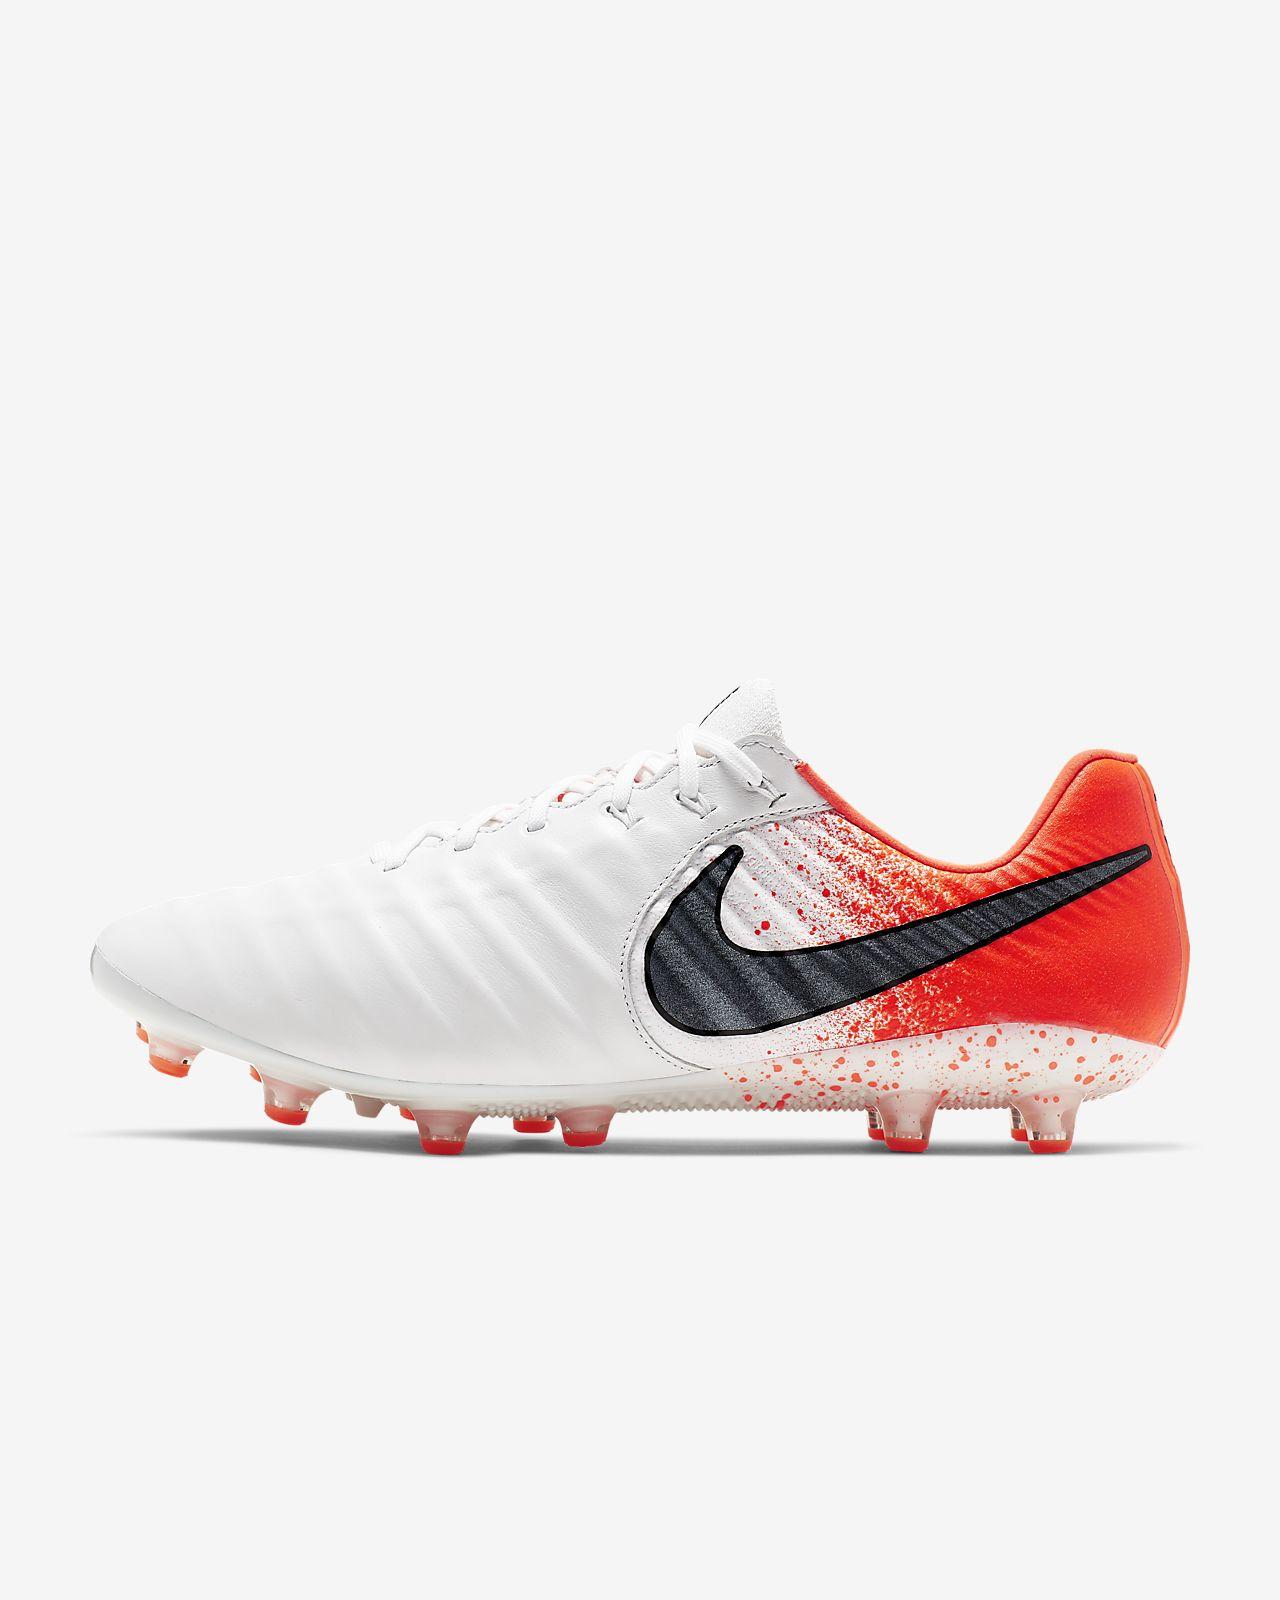 Football Legend À Elite Ag Chaussure Terrain De Pro Synthétique Nike Crampons Vii Pour kOTiPXZlwu